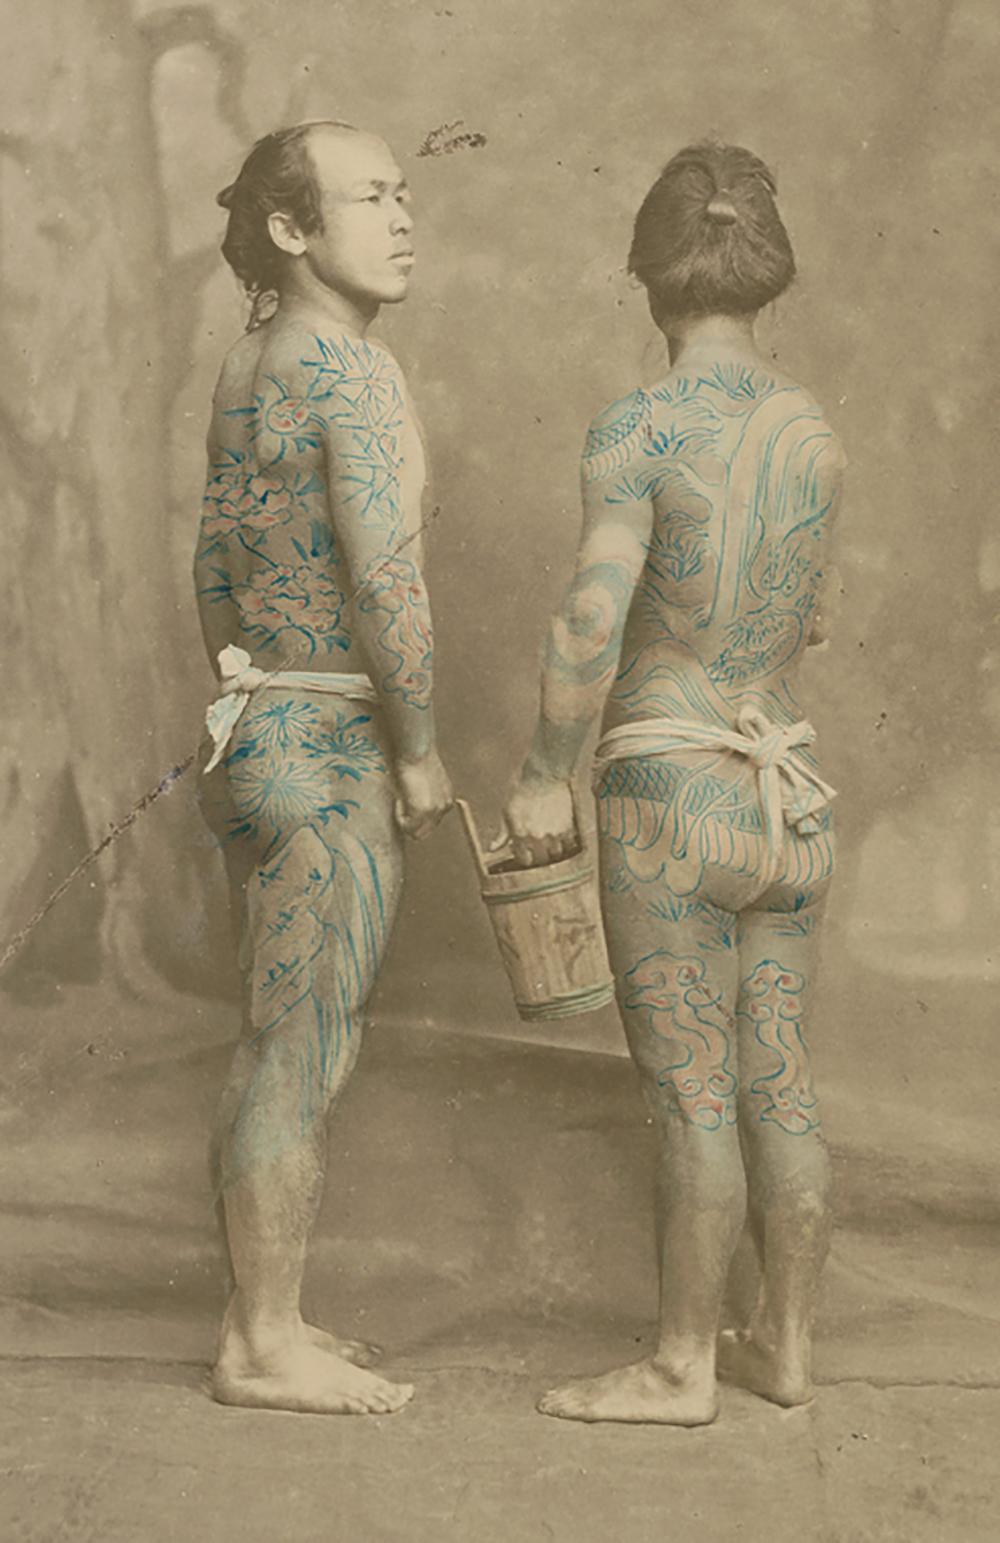 Au Japon, le tatouage était répandu comme le montre cet ancien cliché datant de 1870. Les yakuzas des mafias portent aujourd'hui un certain nombre de tatouages très reconnaissables (souvent multicolores).